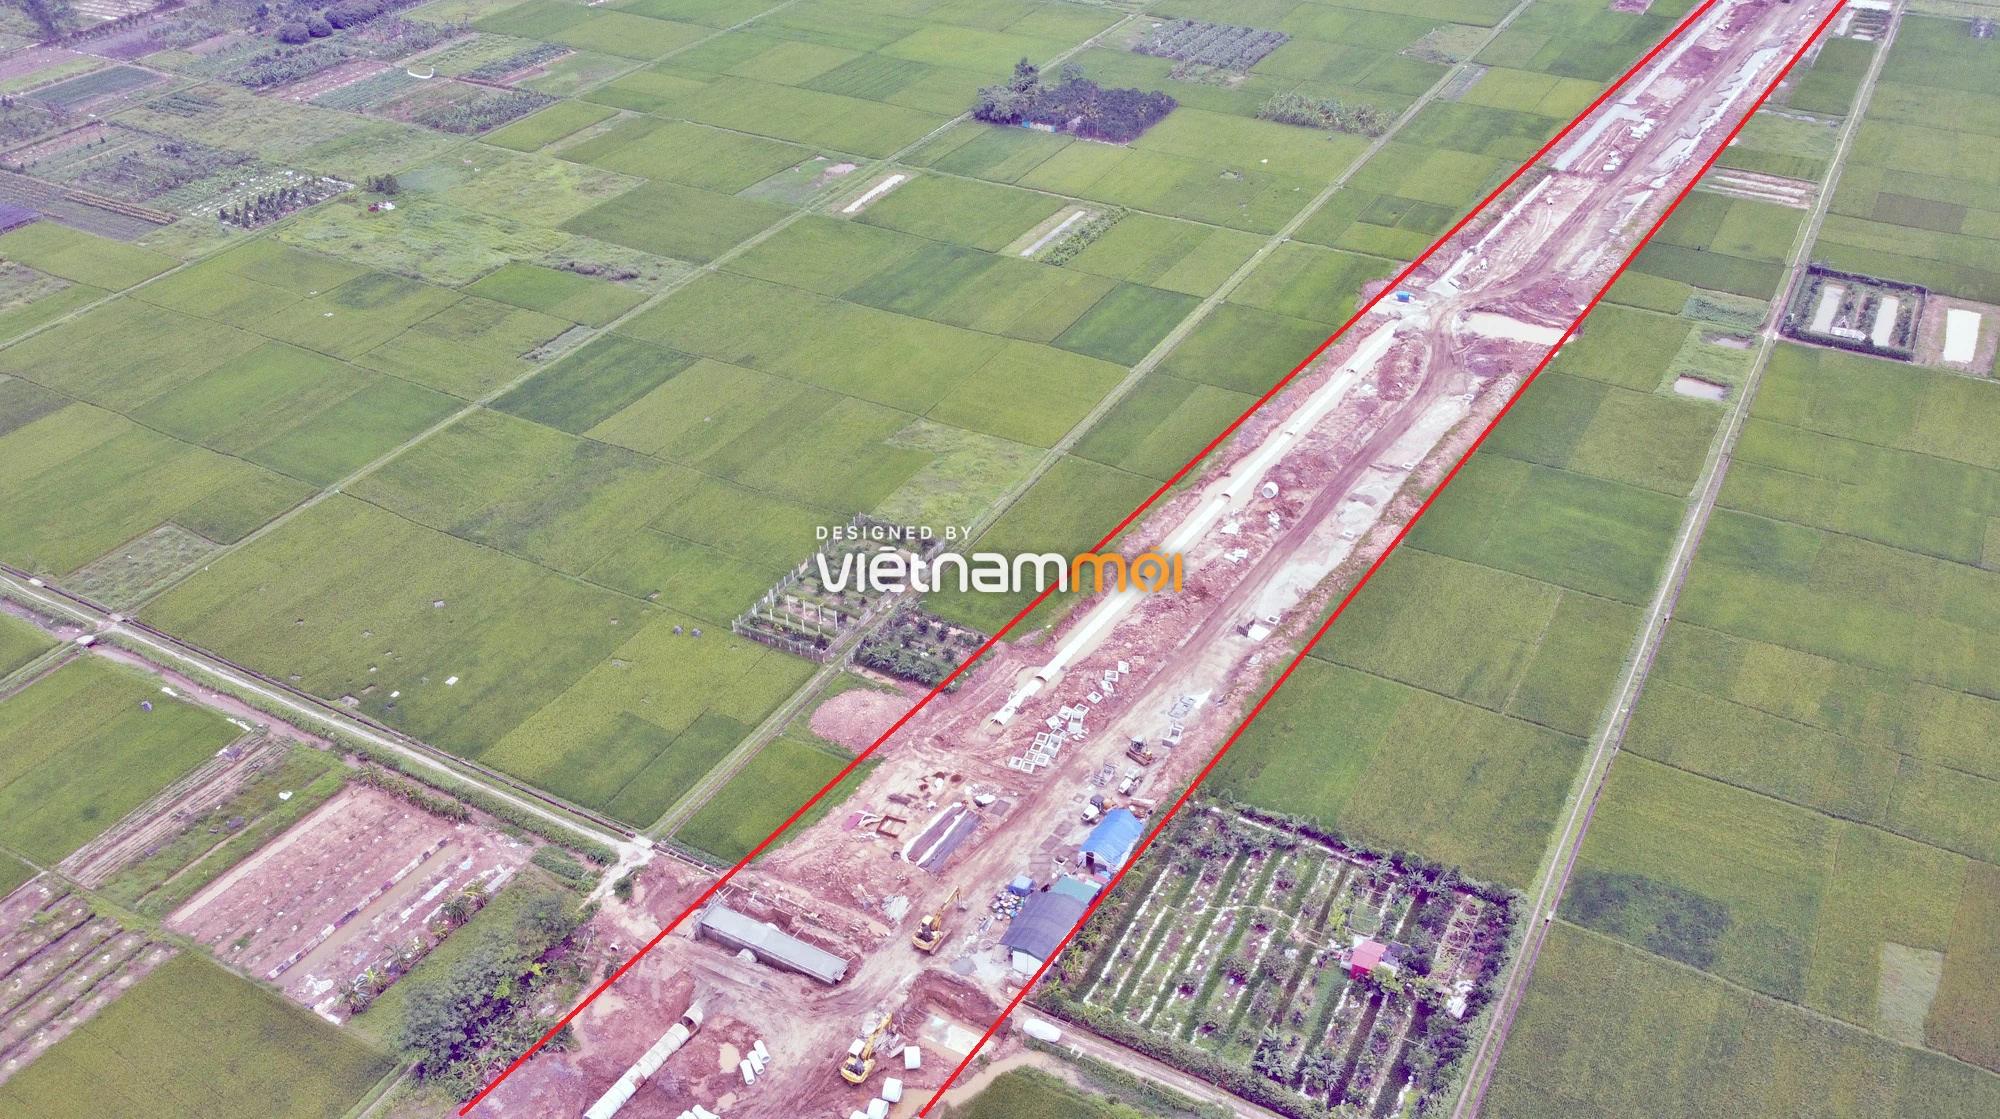 Toàn cảnh đường Liên khu vực 1 từ Đức Thượng đến Song Phương đang mở theo quy hoạch ở Hà Nội - Ảnh 4.